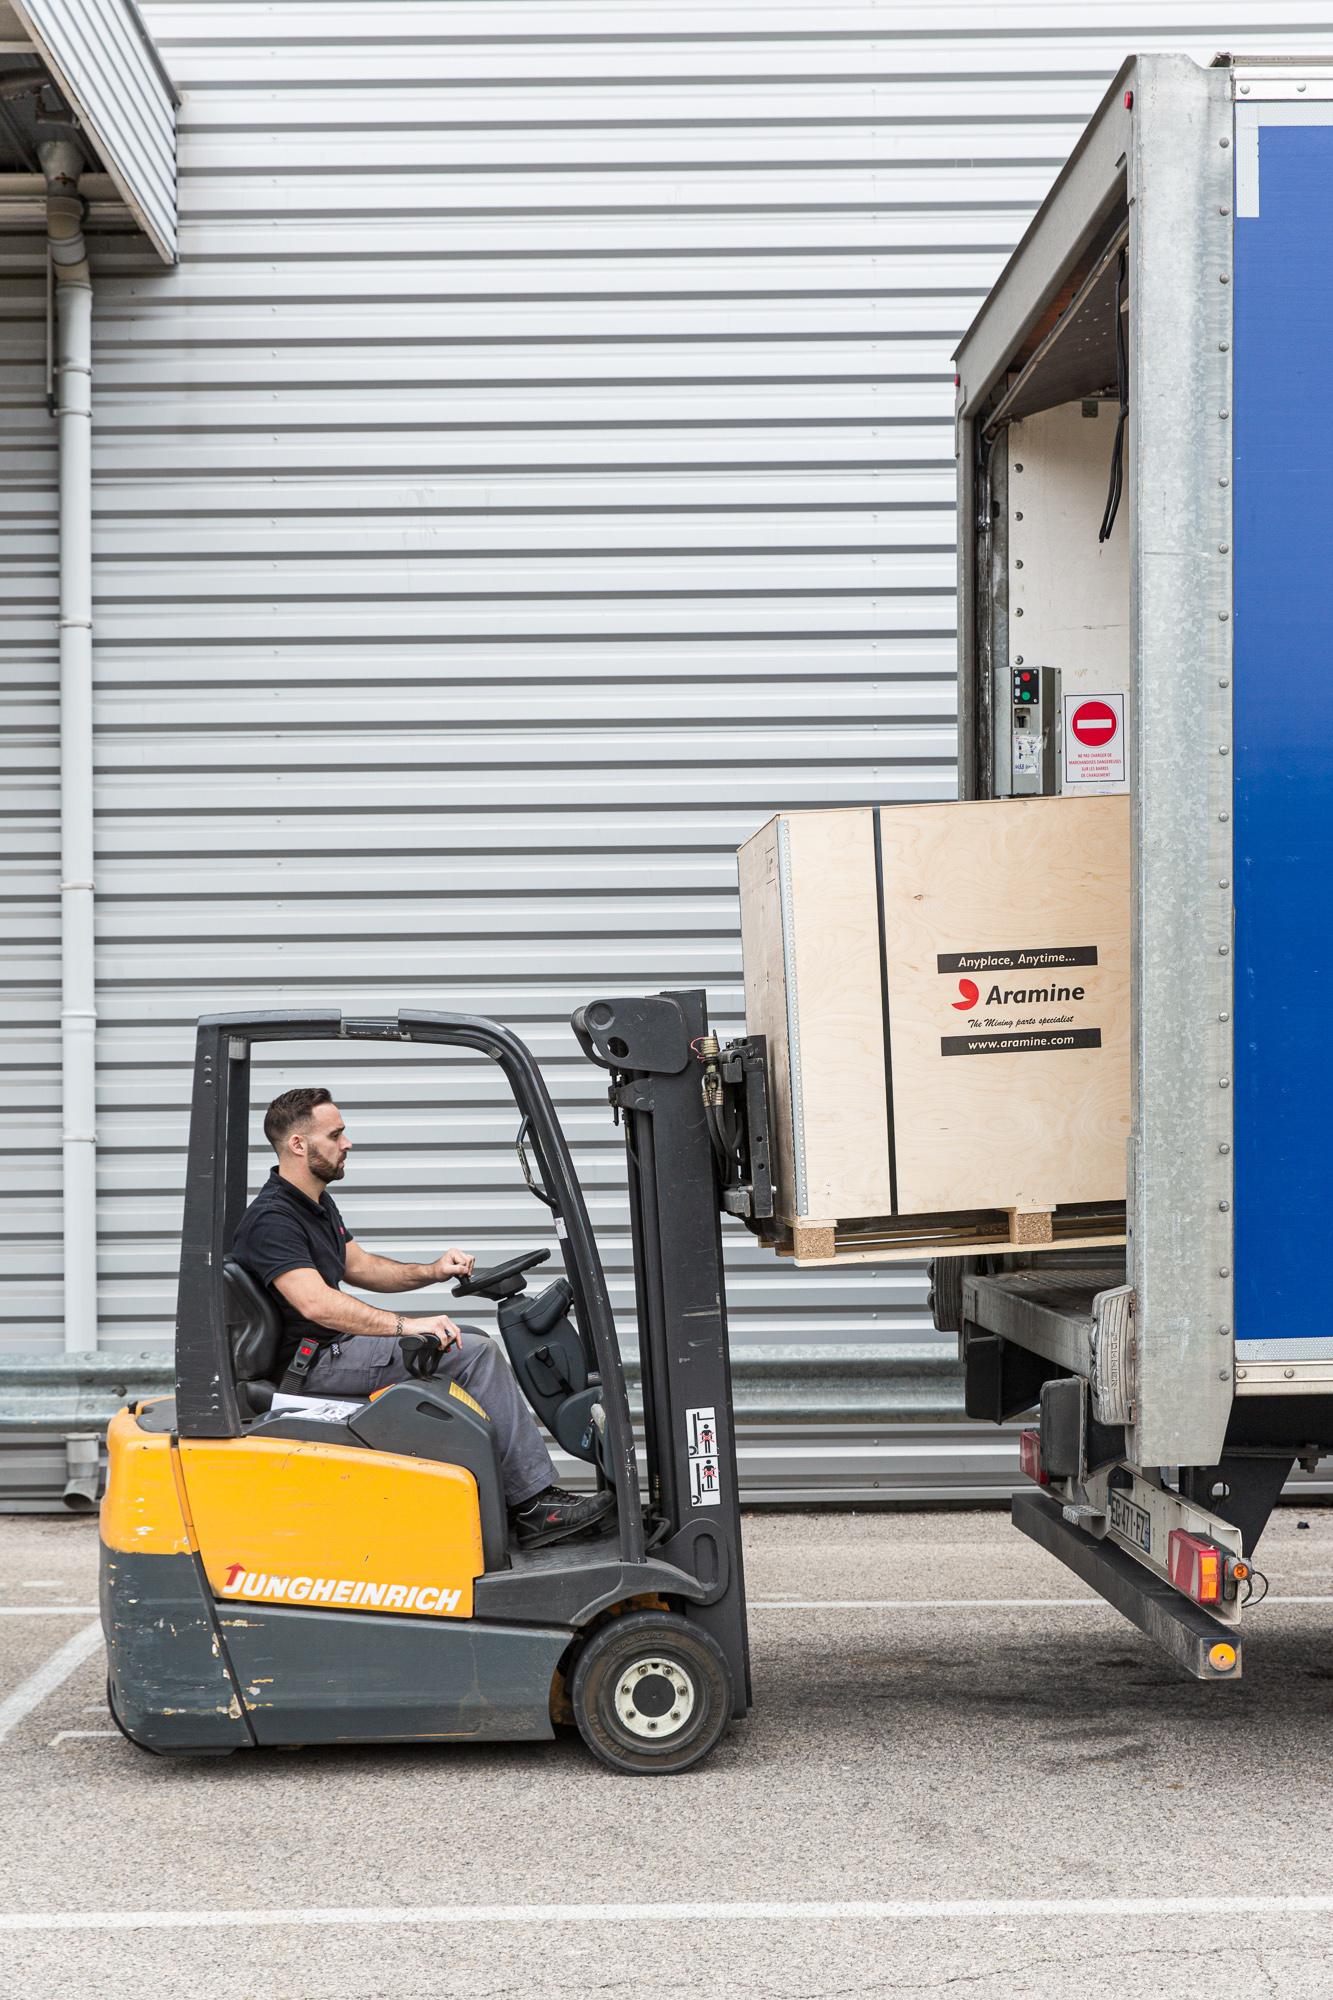 Un charriot charge un camion avec une grosse caisse en bois. Il est inscrit Aramine sur la caisse en bois.